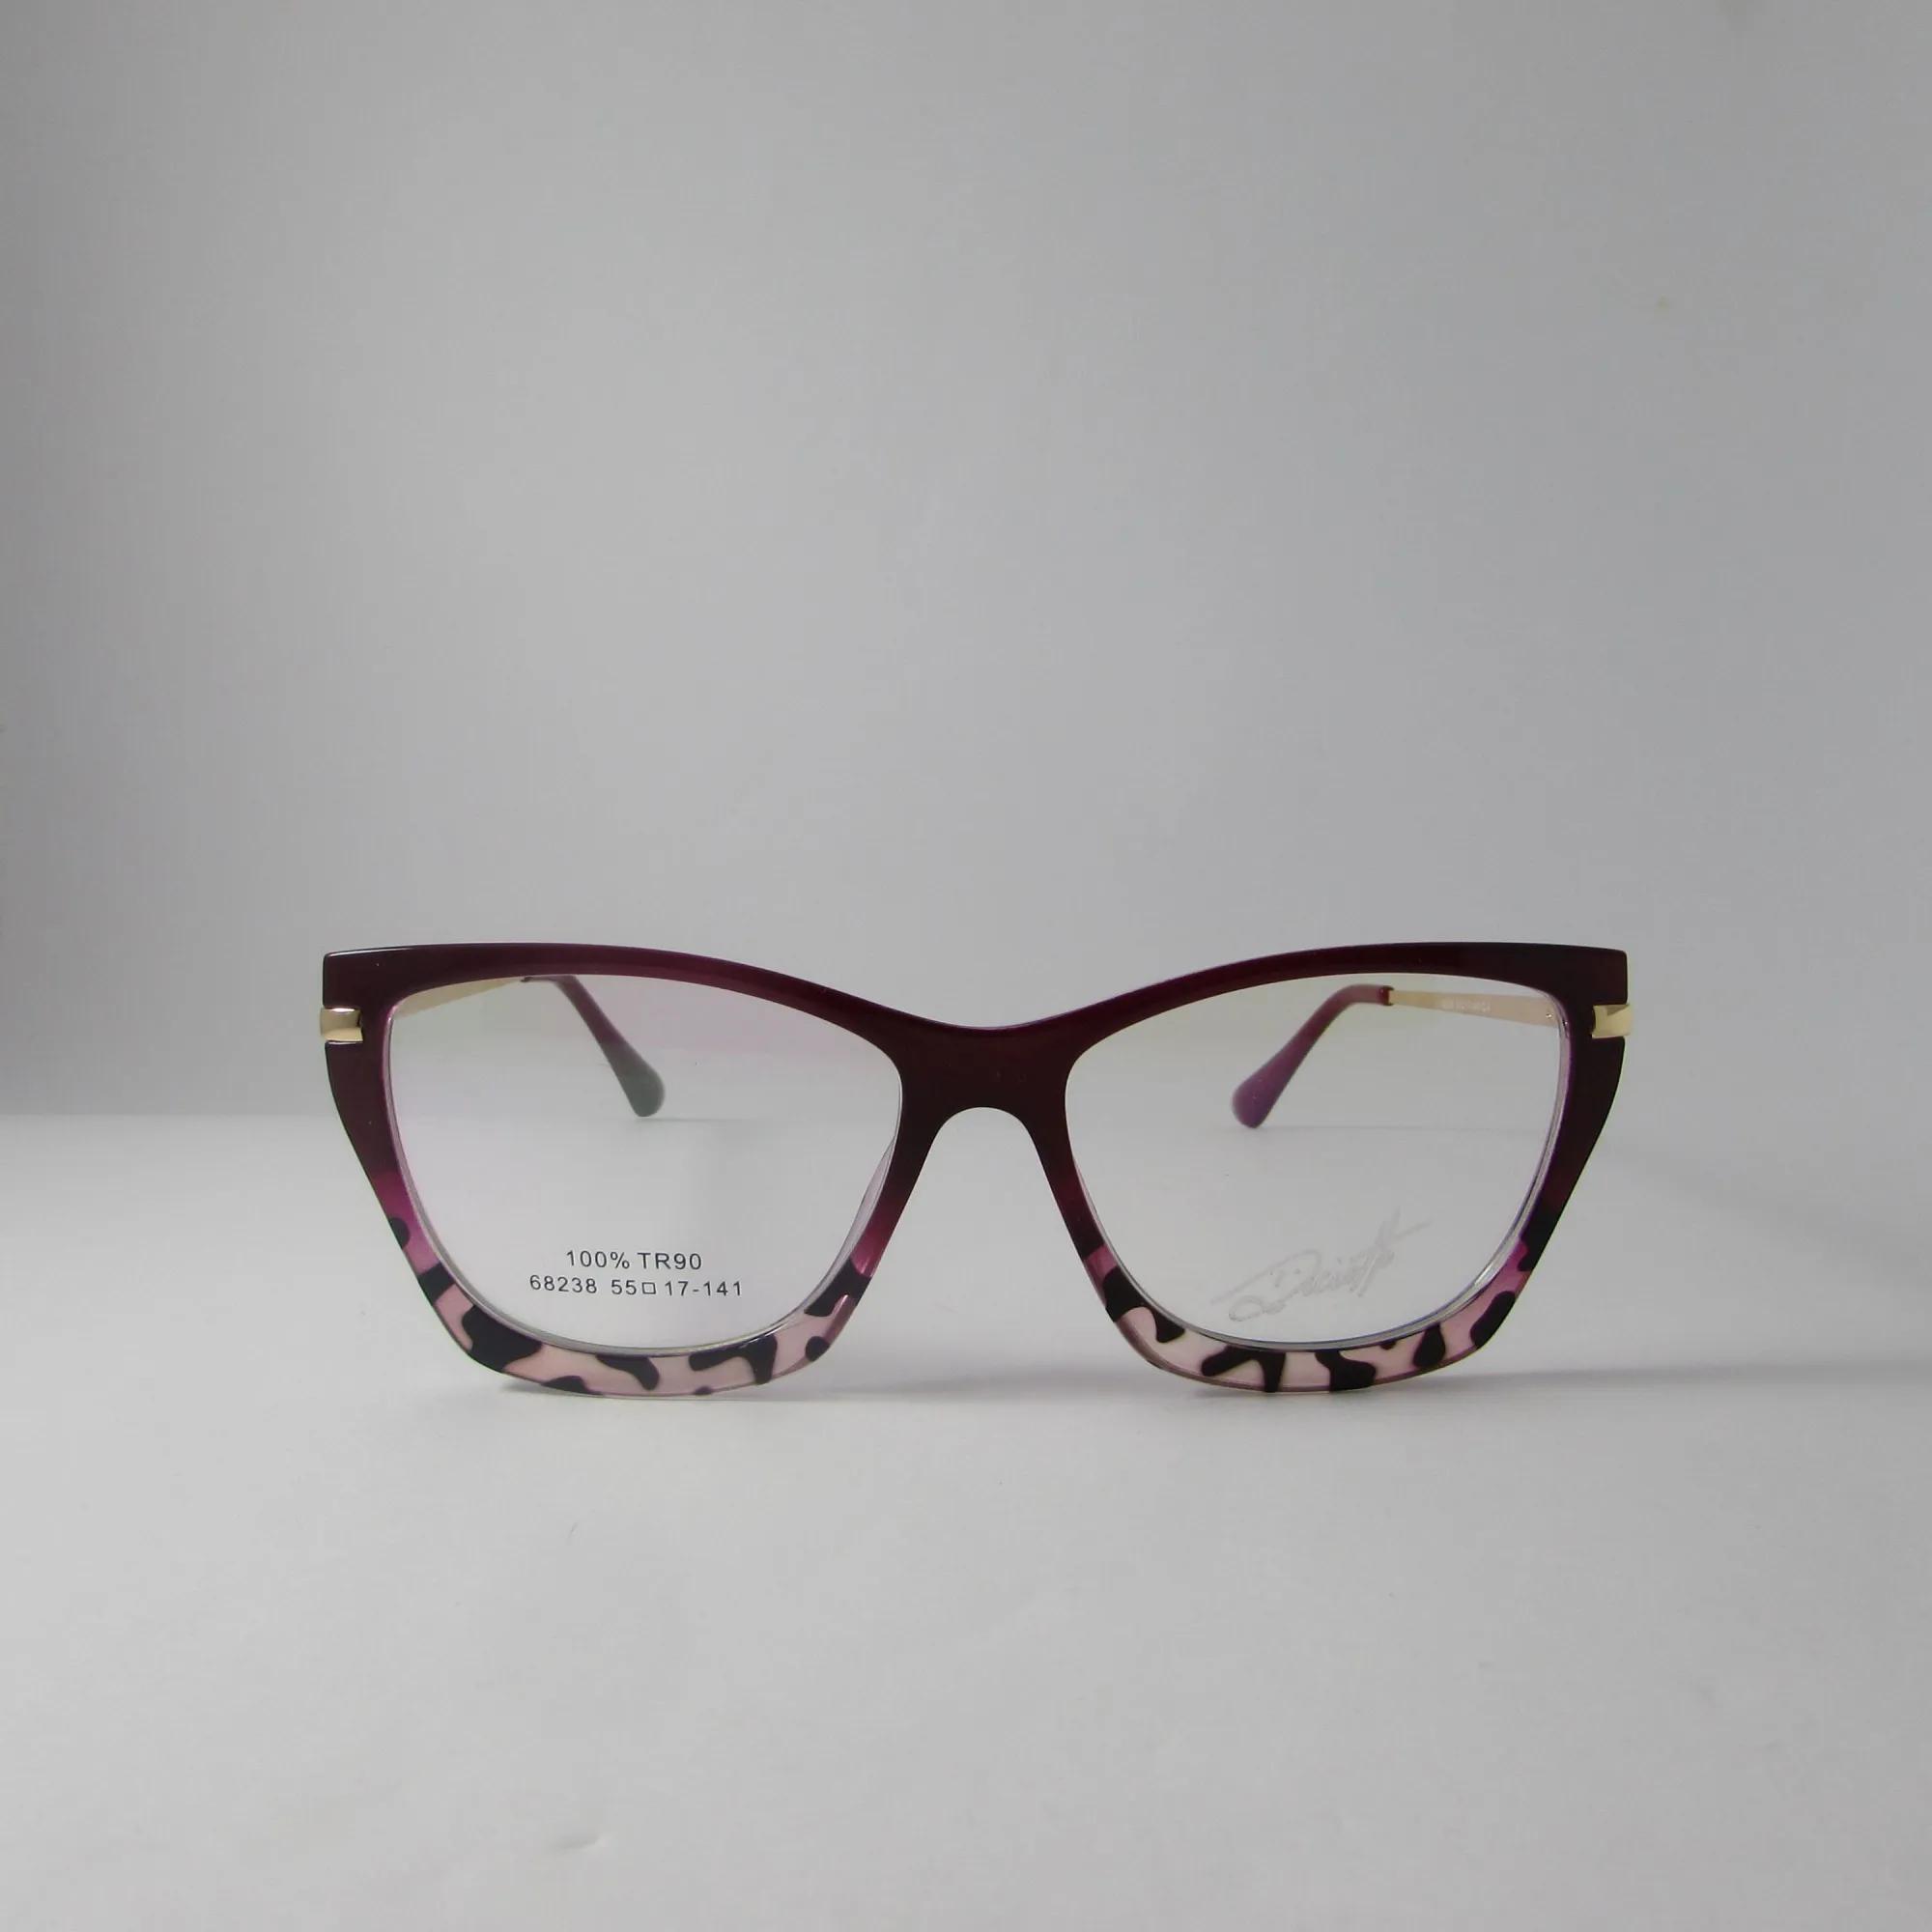 Armação óculos de grau feminino - Marsala estampado